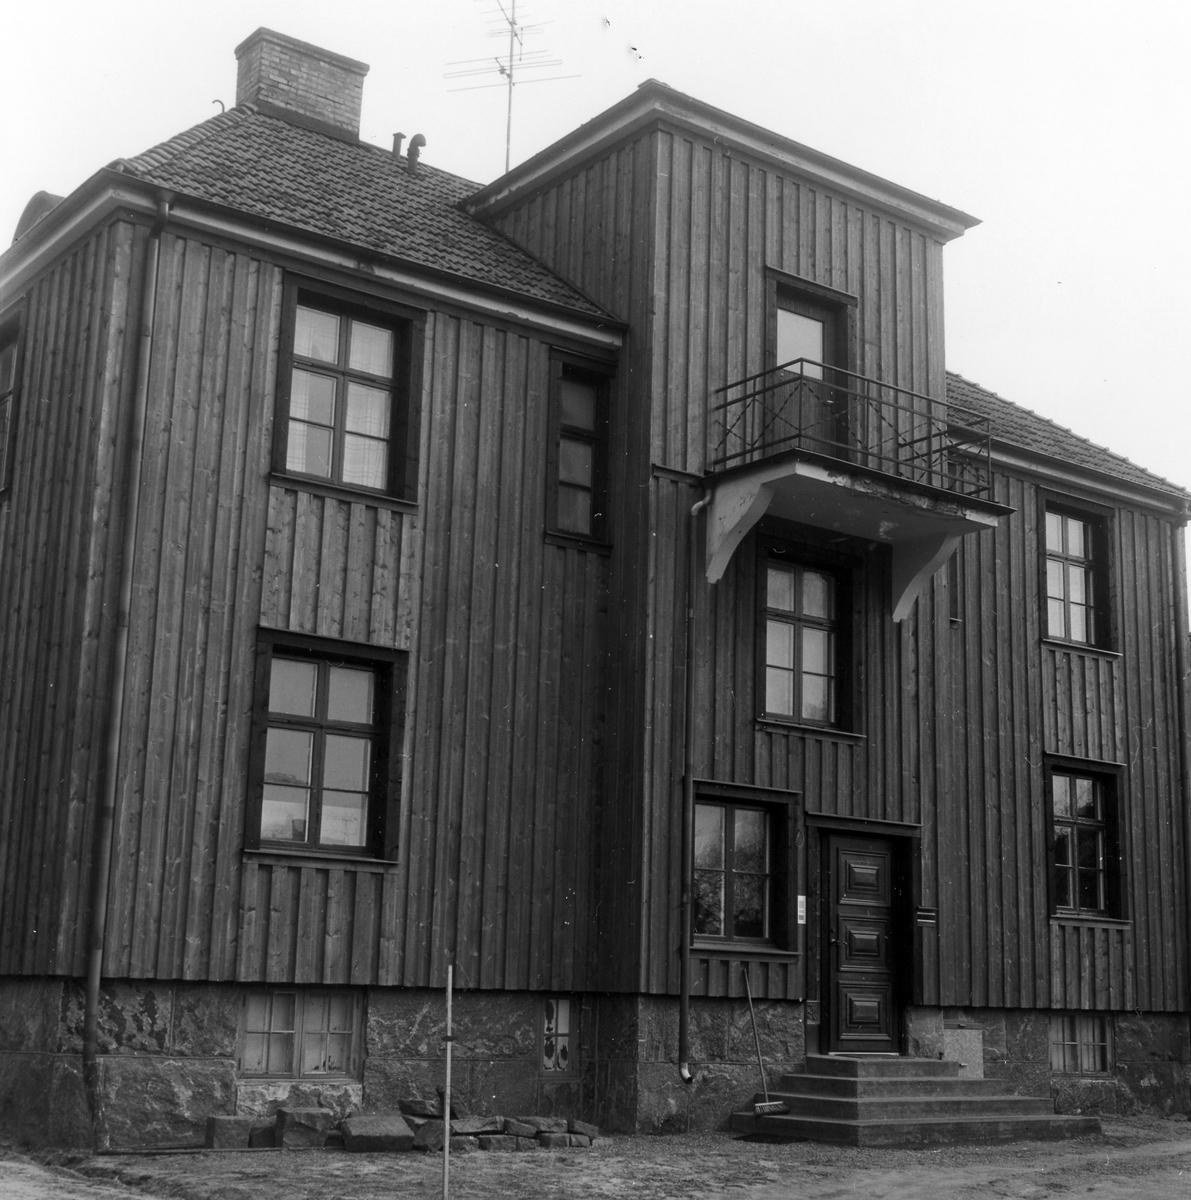 Tvåvåningshus med stående träpanel som fasadbeklädnad.  Byggnaden förseddes 1977 med utvändig tilläggsisolering, tidigare putsad fasader färgade i svagt grönt.  Kvarteret Fruktkorgen 6. Norra Ringgatan 65.